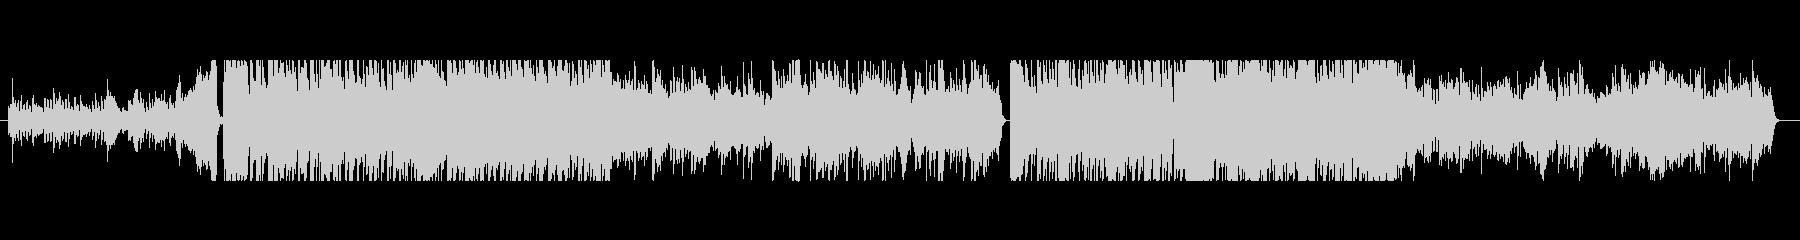 強い意思を感じさせるソロチェロ&ピアノ系の未再生の波形